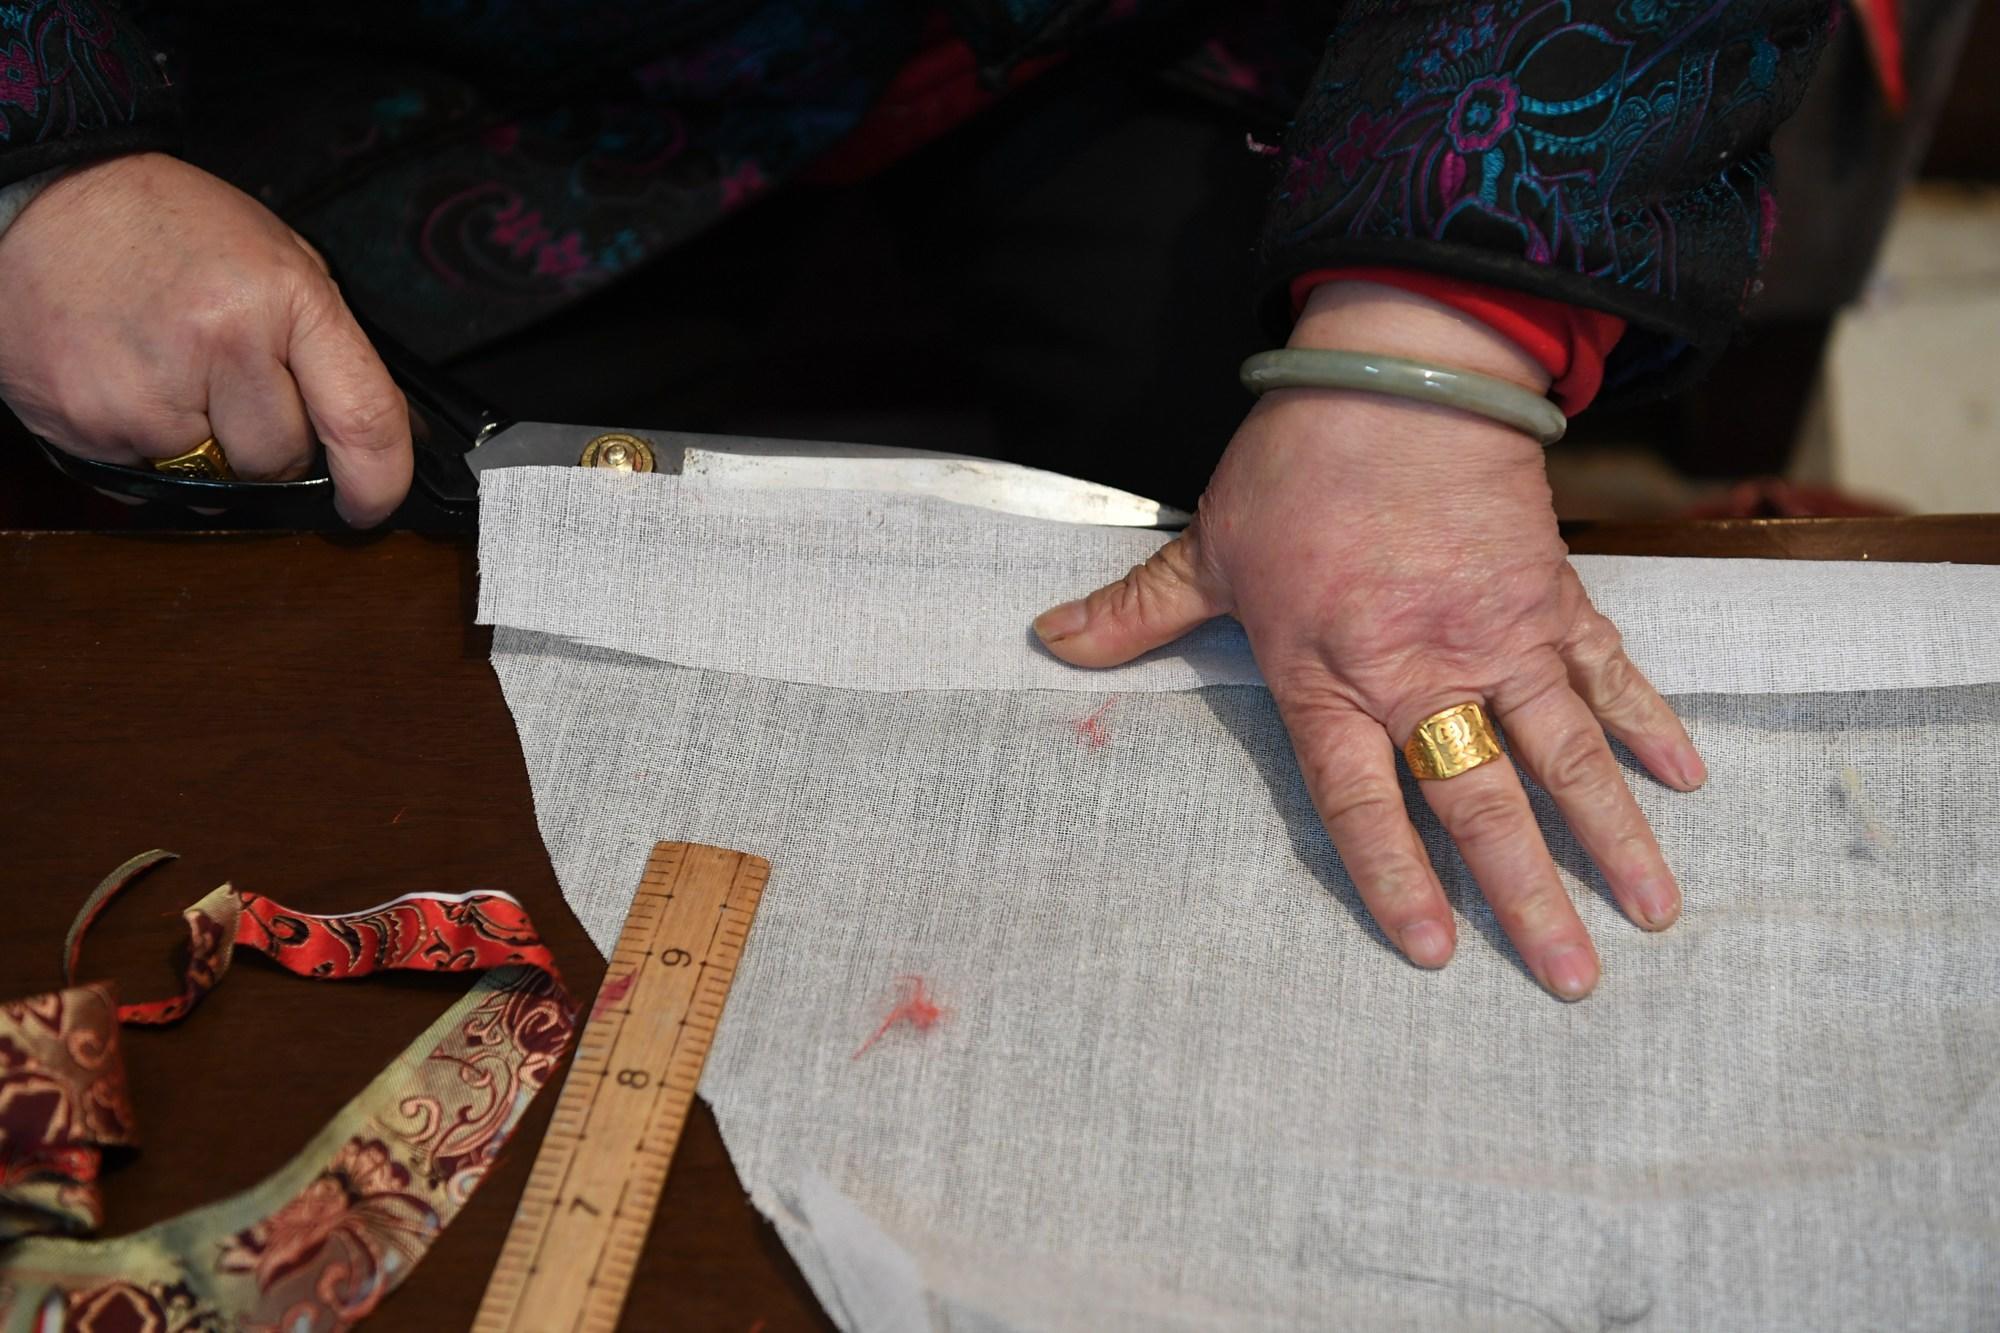 老奶奶在家做手工活挣钱